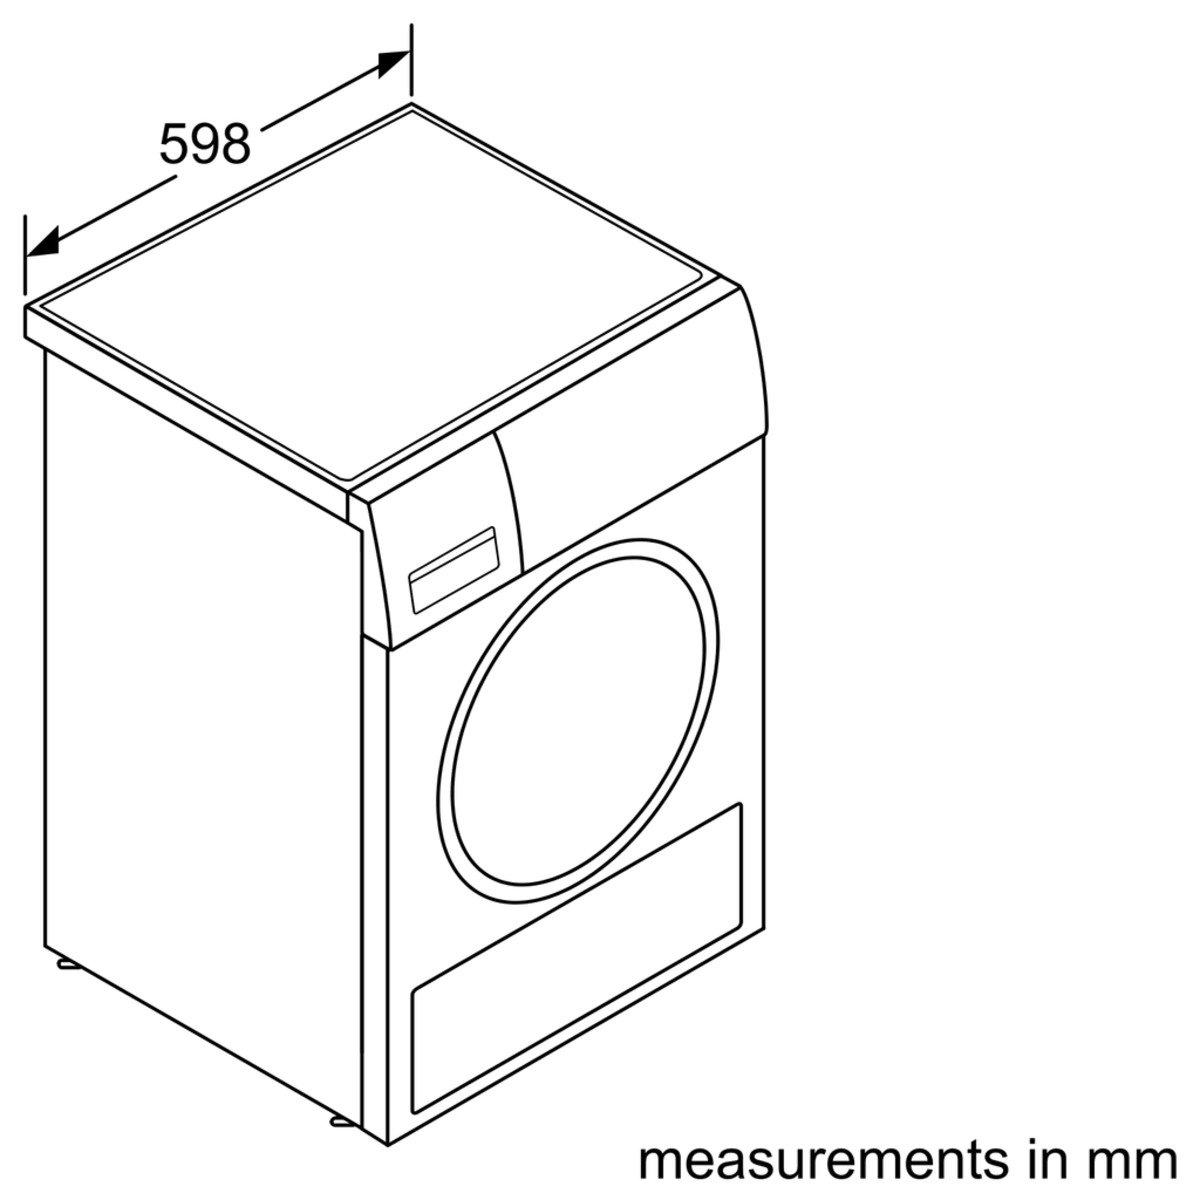 Bosch WTW86271 Color blanco Independiente, Frente, Condensaci/ón, 8 kg, A, Mezclar, R/ápido, Camisa//blusa, Deporte, Programado, Towel, Lana Secadora